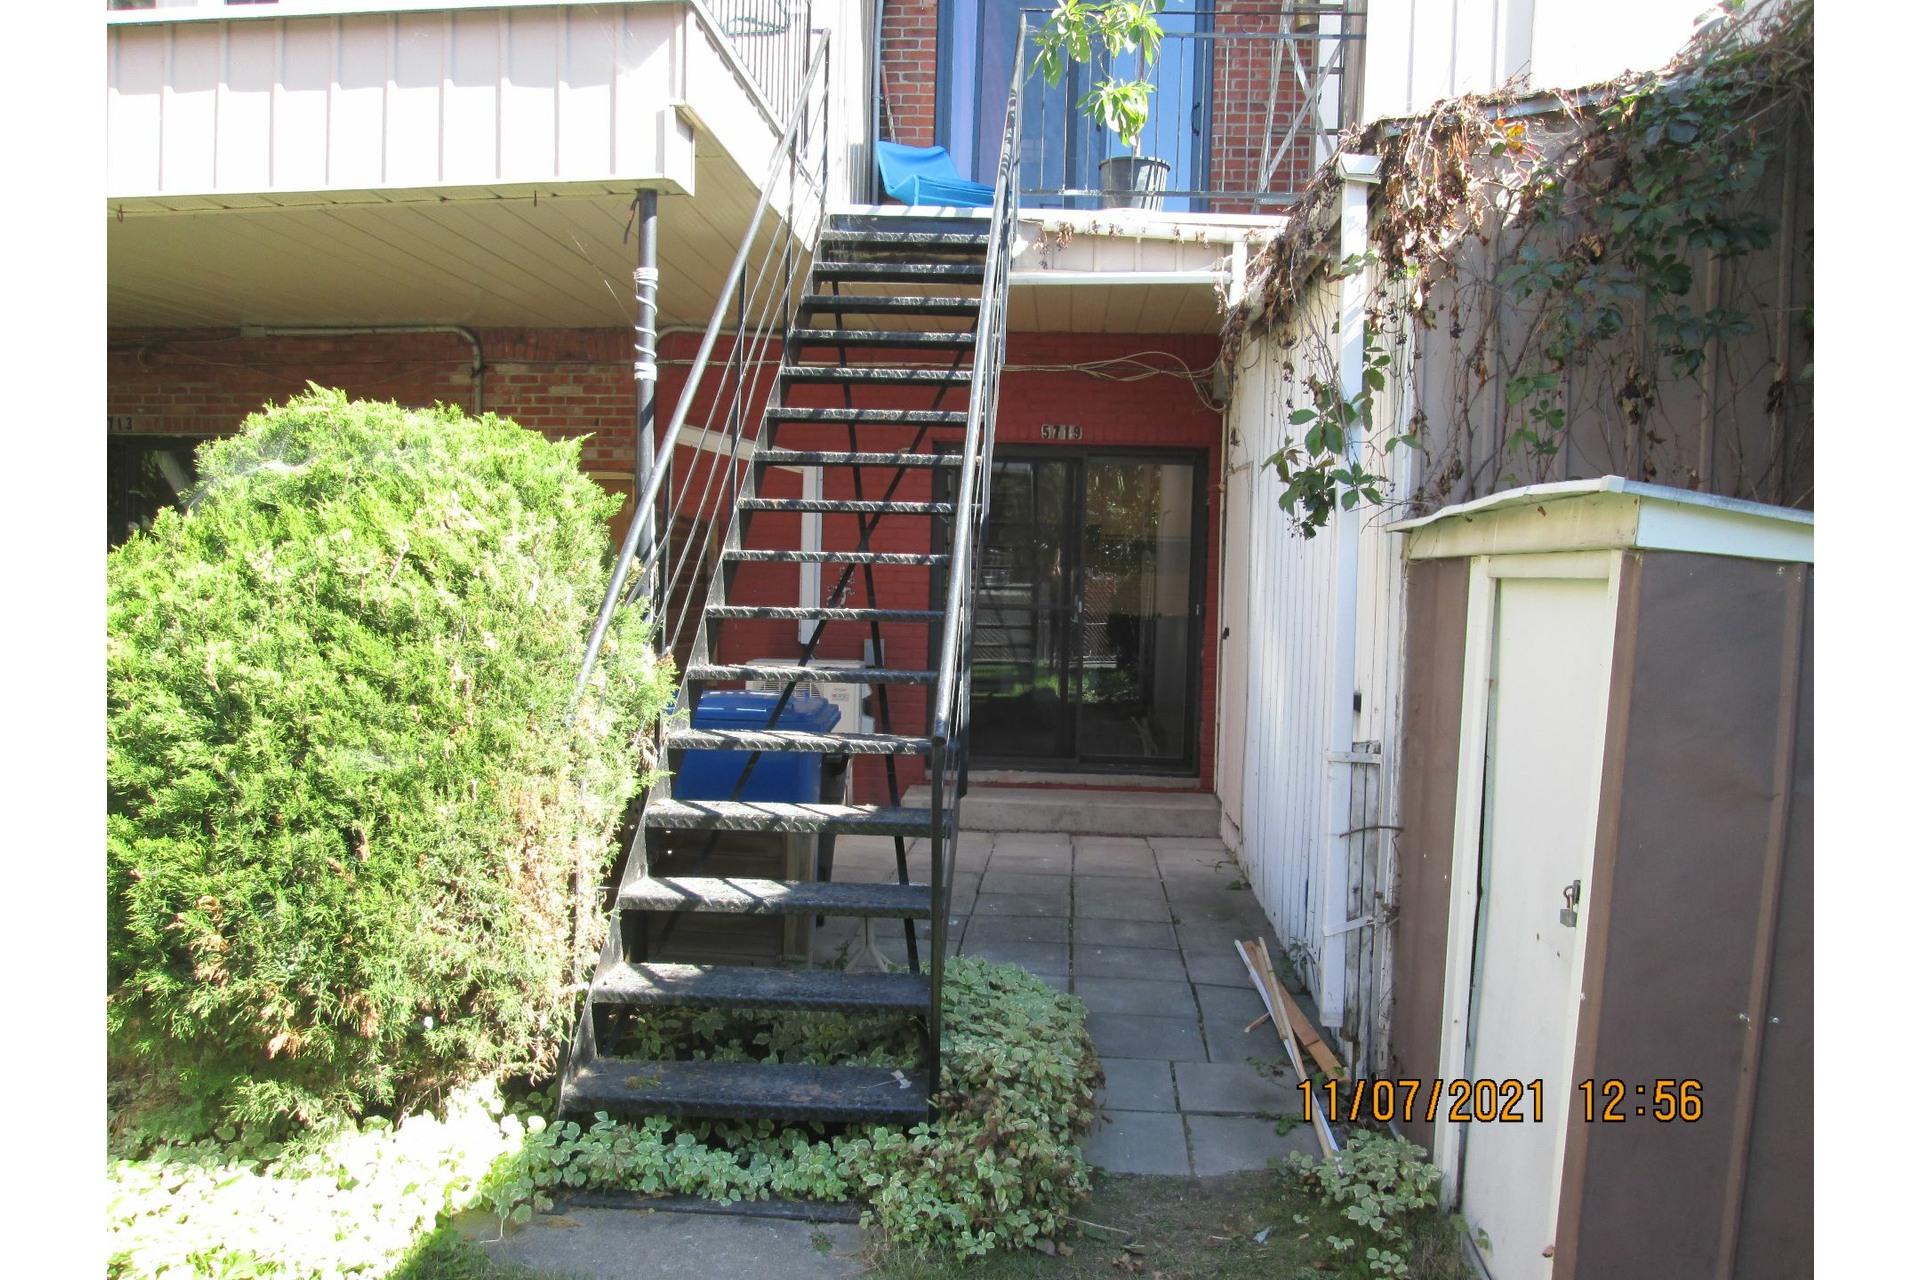 image 24 - Appartement À louer Verdun/Île-des-Soeurs Montréal  - 4 pièces